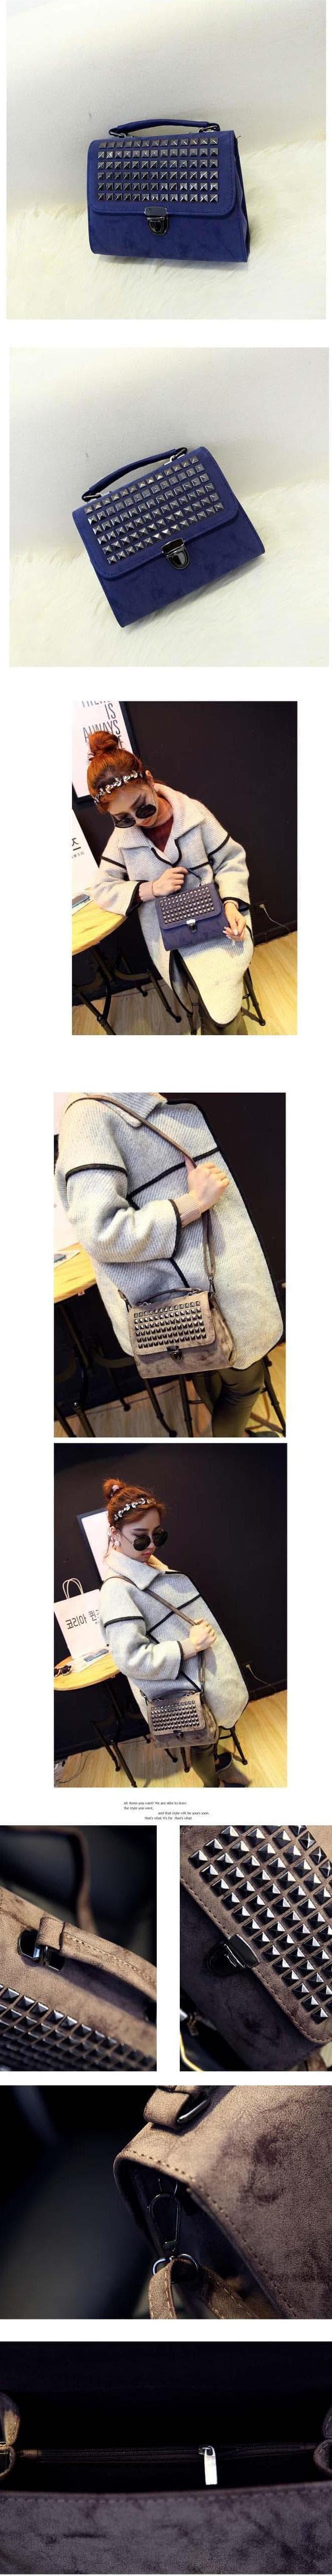 Katalog Chanel Bag Asli Katalog.or.id